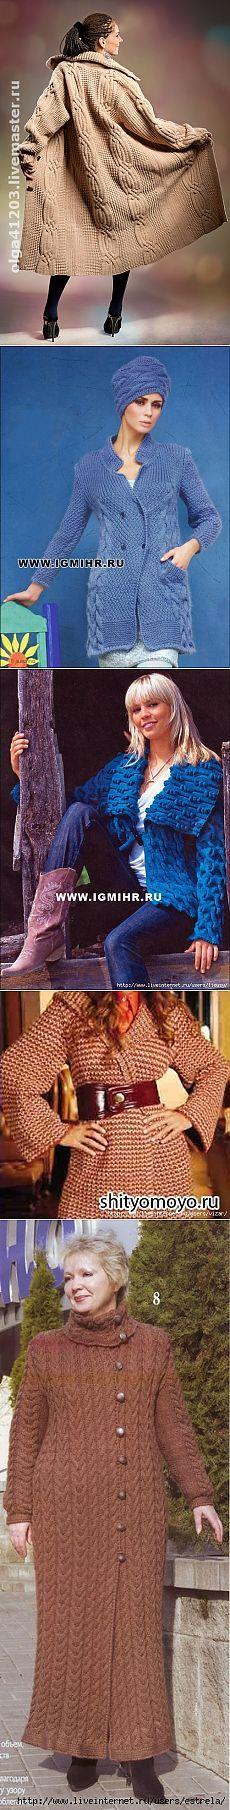 Пальто, куртки спицами. Подборка 57 just inspiration, no pattern